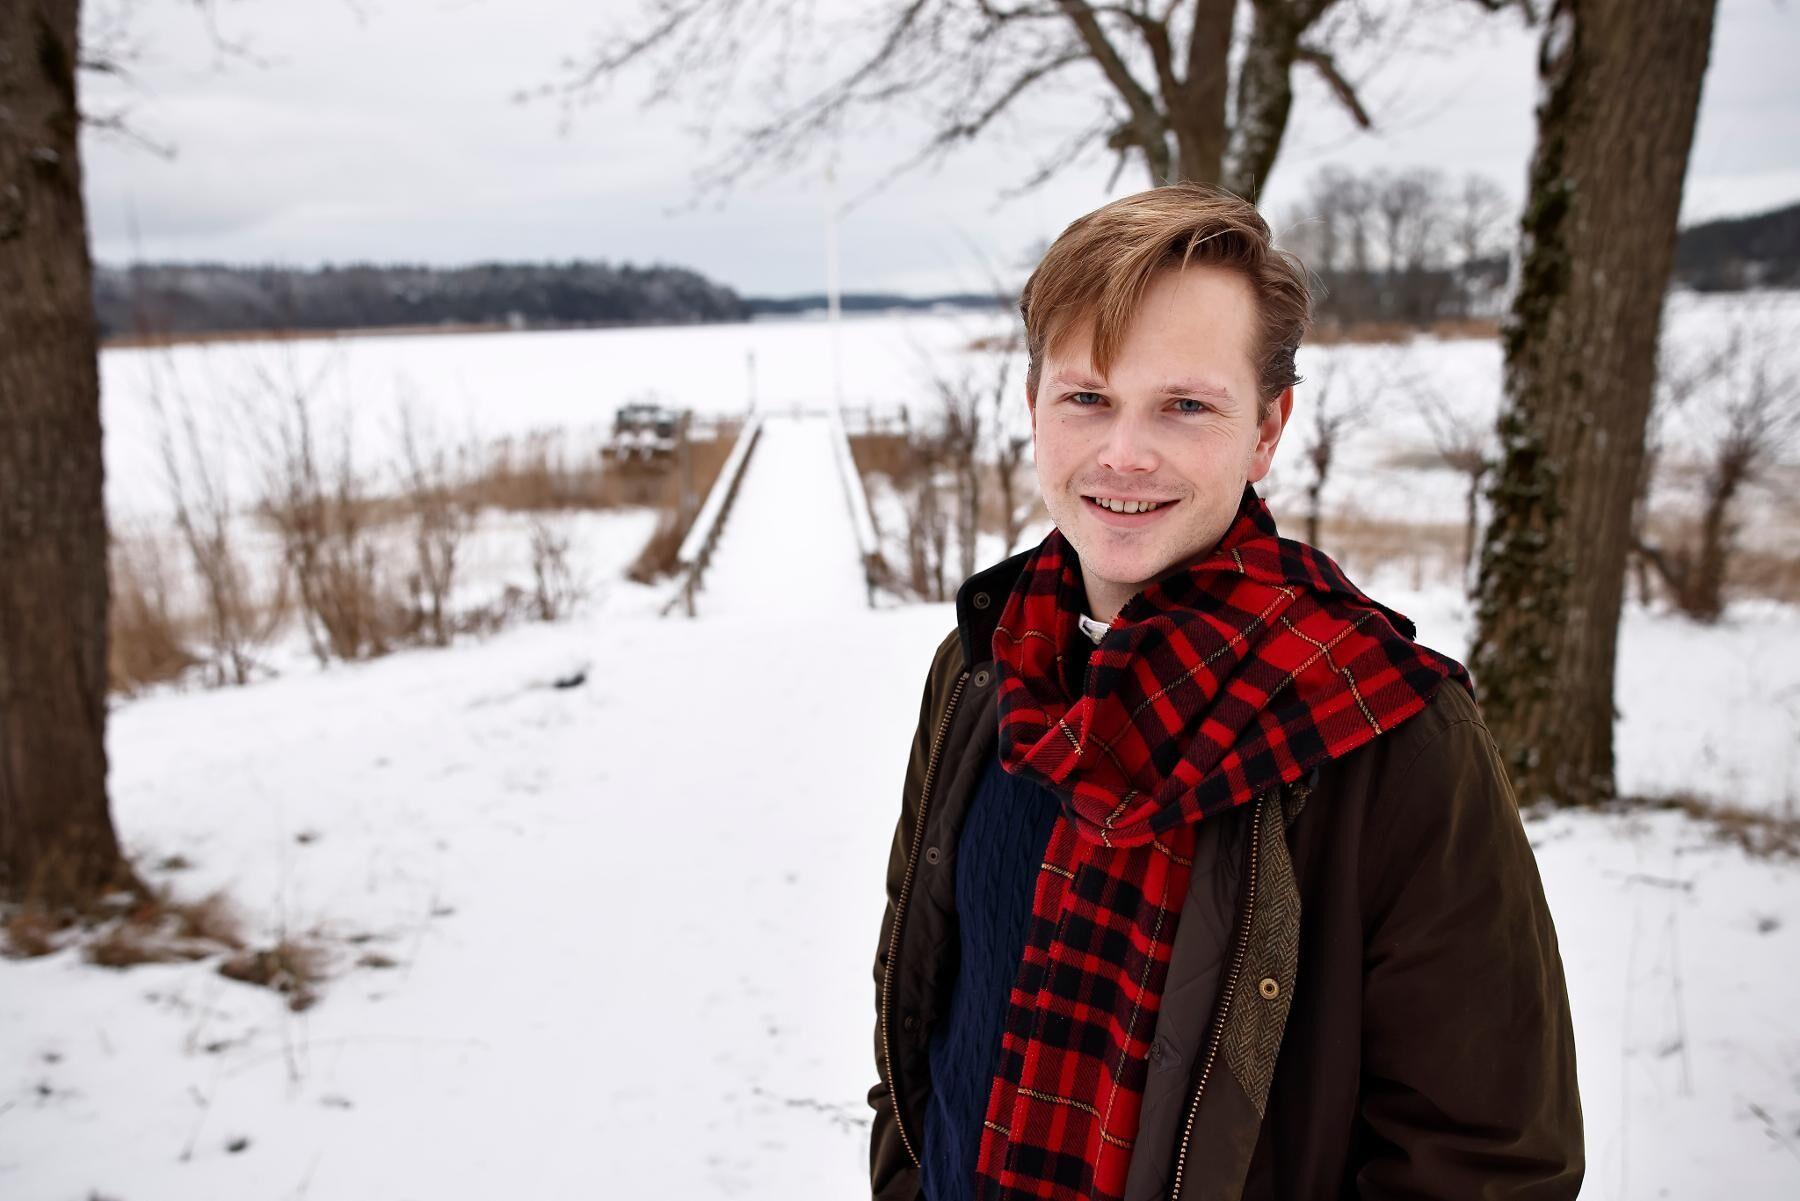 Edvard Hollertz är baserad i Sankt Anna skärgård i Östergötland, där familjen varit lantbrukare i generationer.